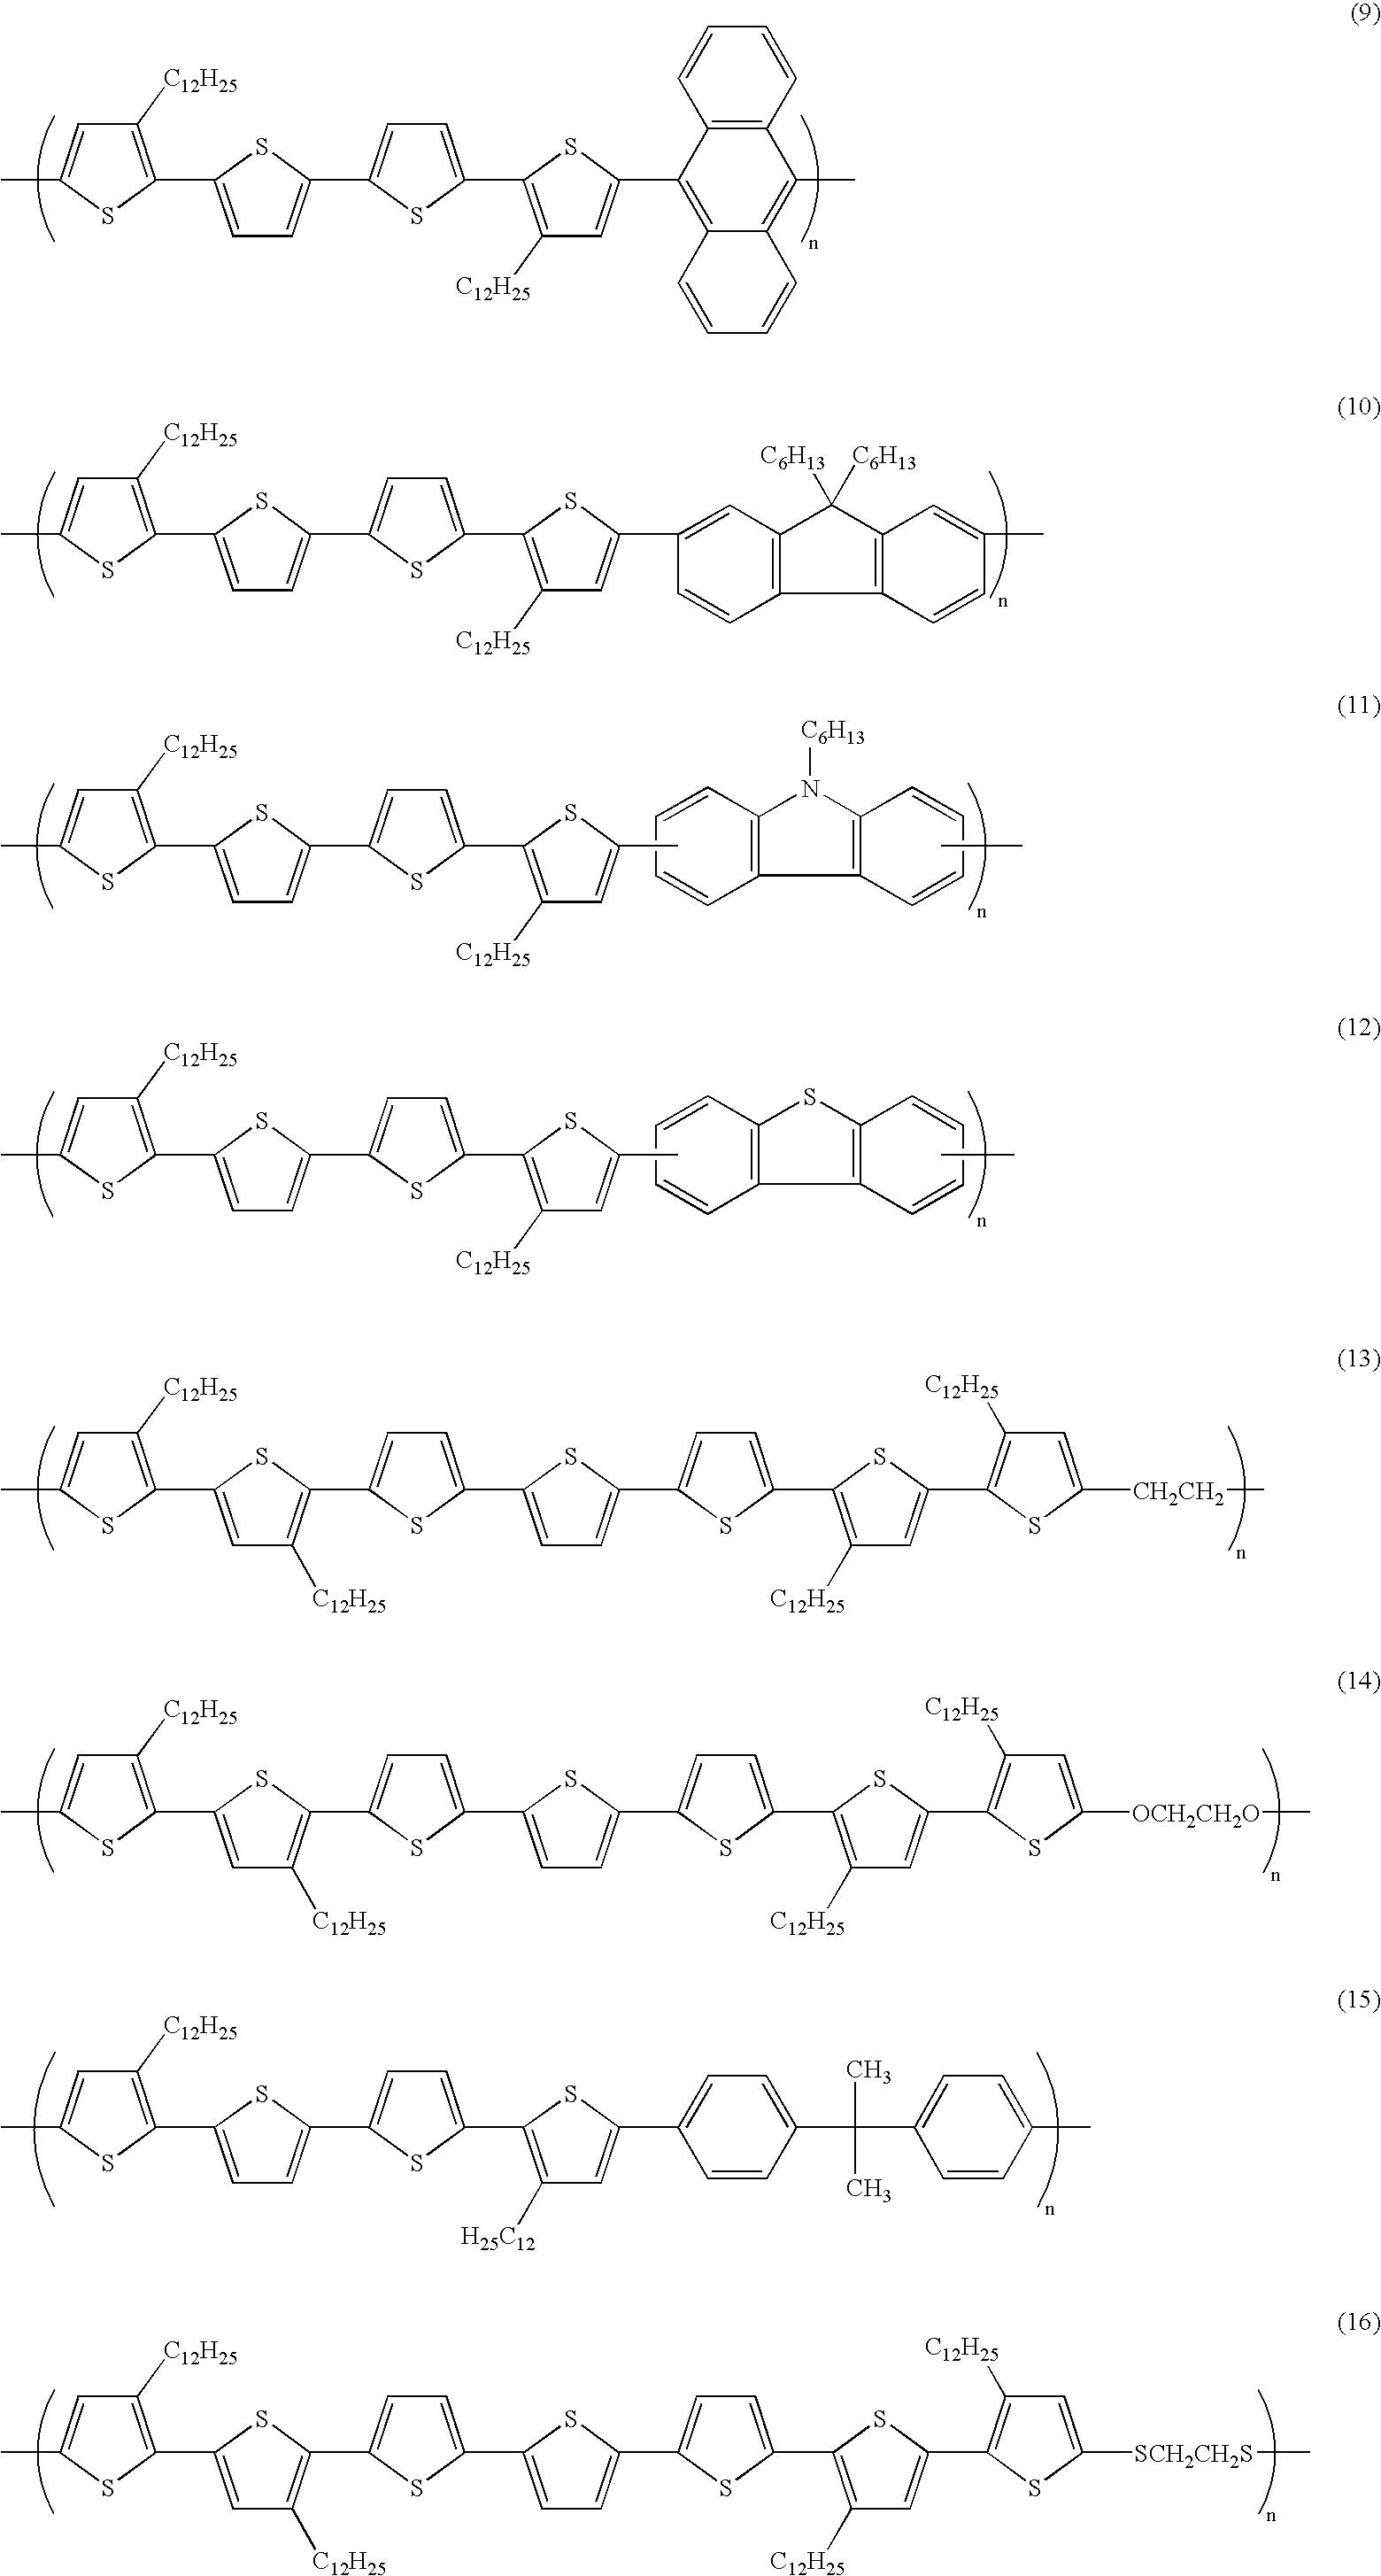 Figure US20030164495A1-20030904-C00019